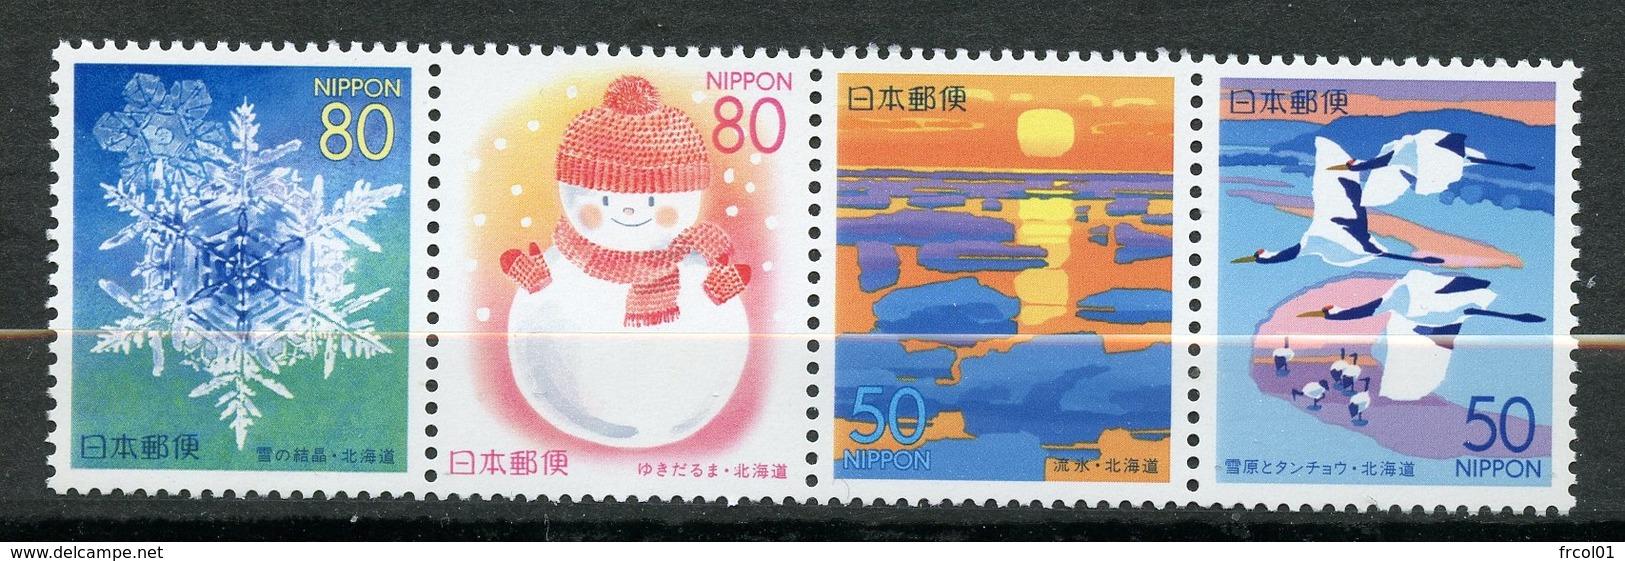 Japan, Yvert 2505/2508, MNH - 1989-... Emperor Akihito (Heisei Era)